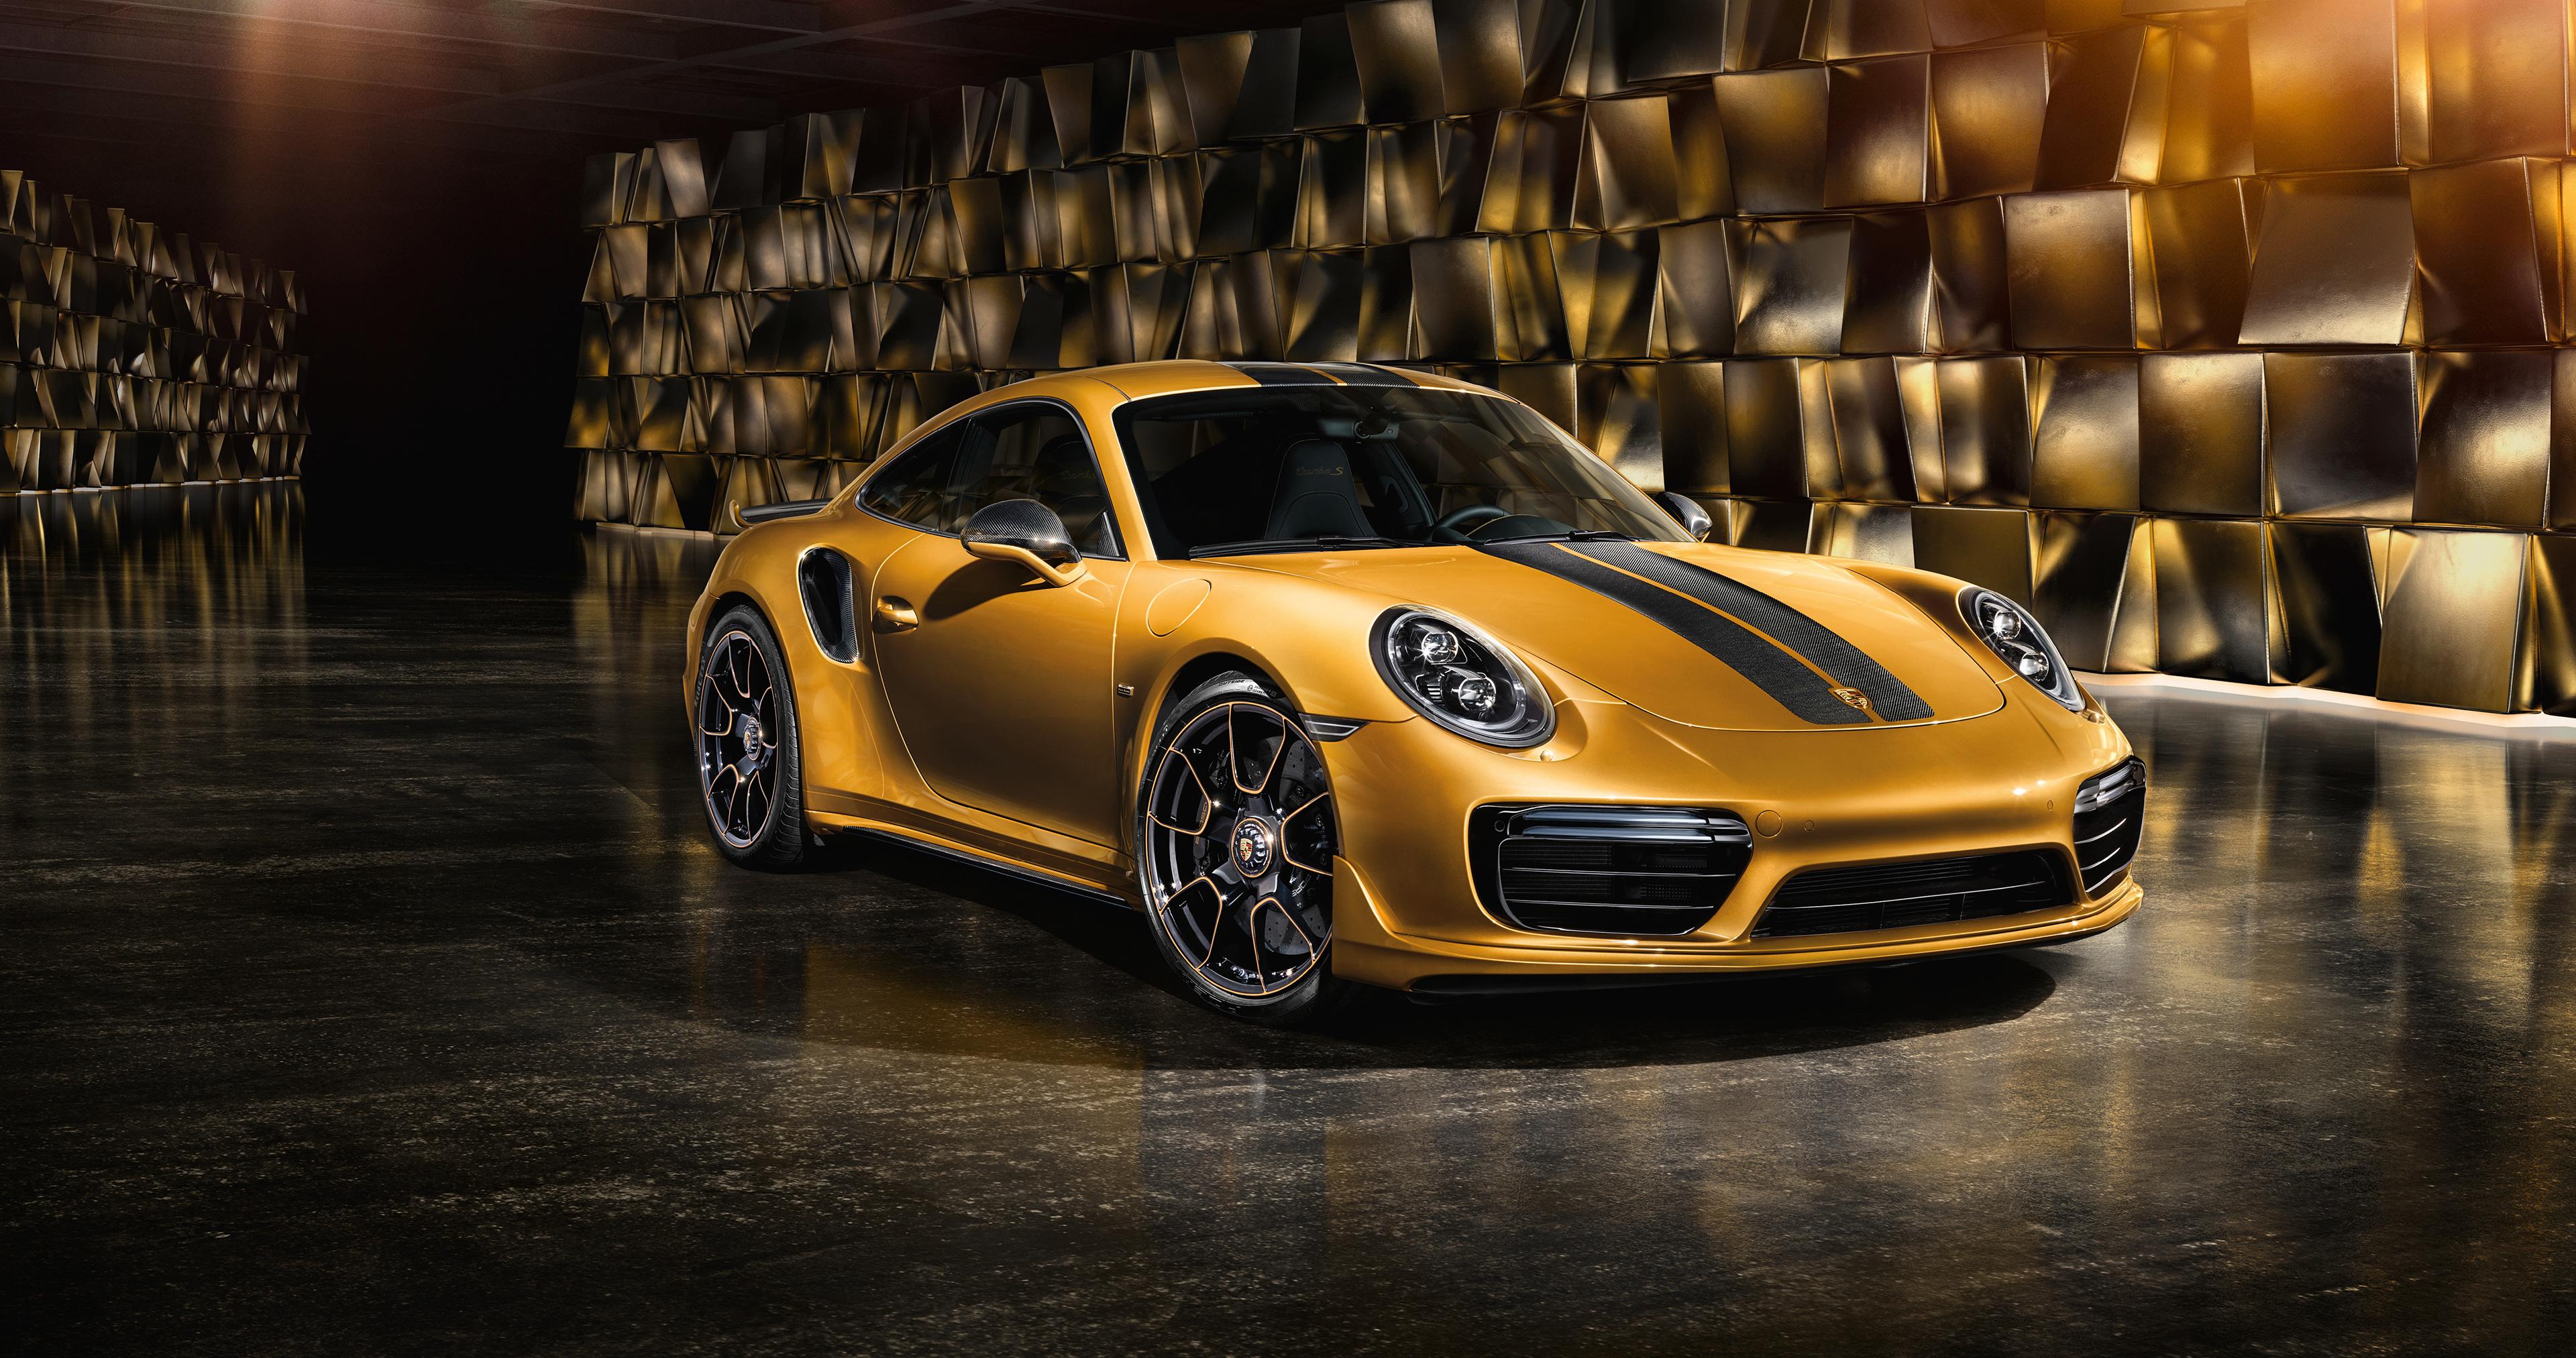 25 Years Porsche Exclusive Series Porsche 911 Turbo, HD ...